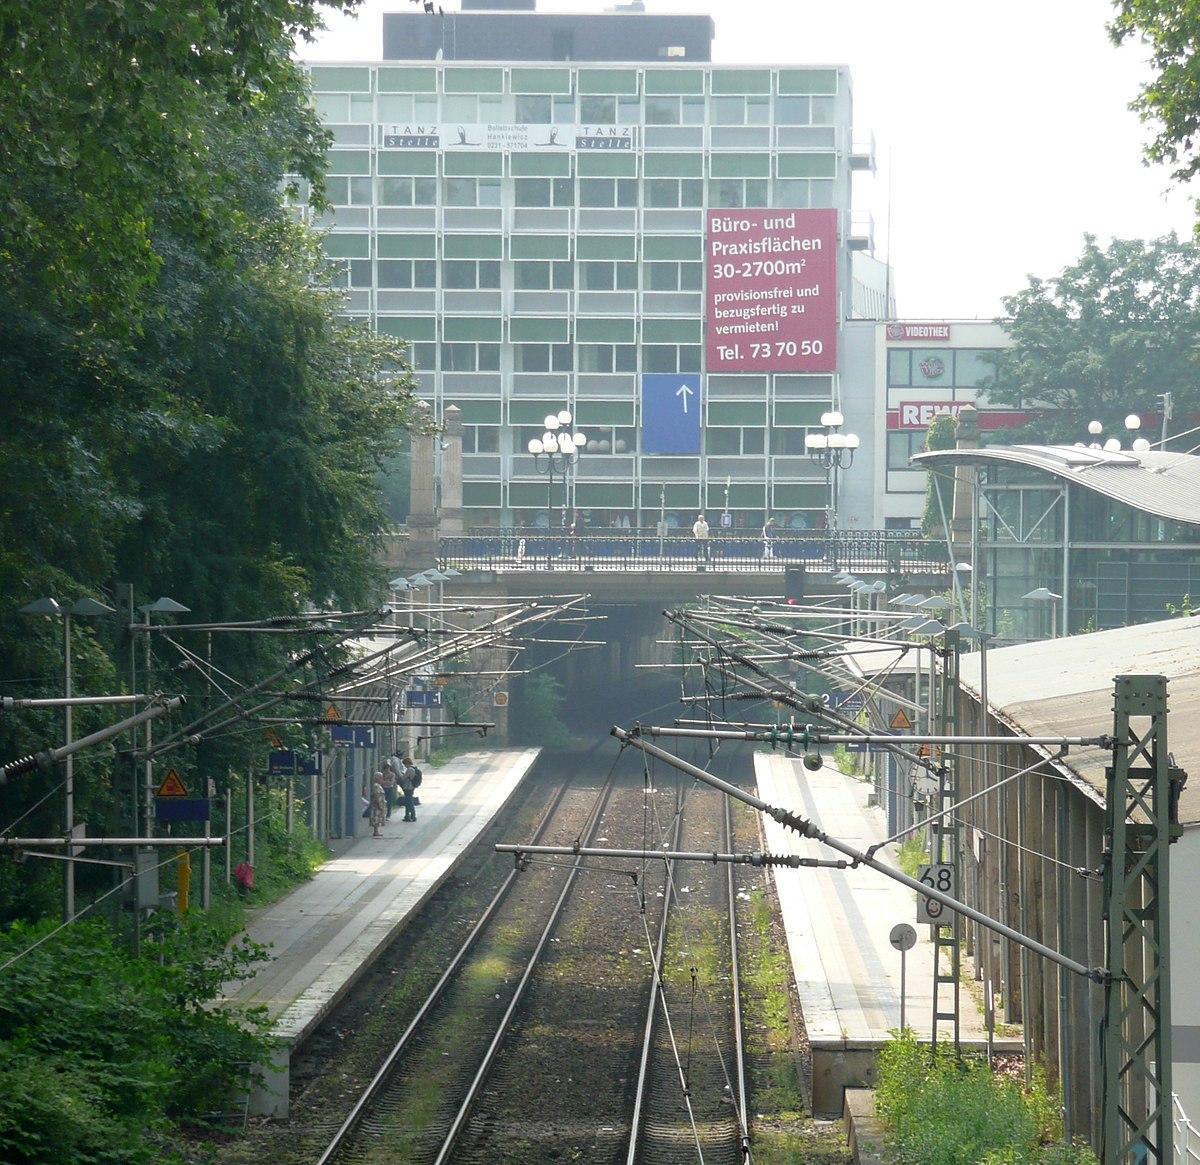 Dortmund Möllerbrücke station - Wikipedia